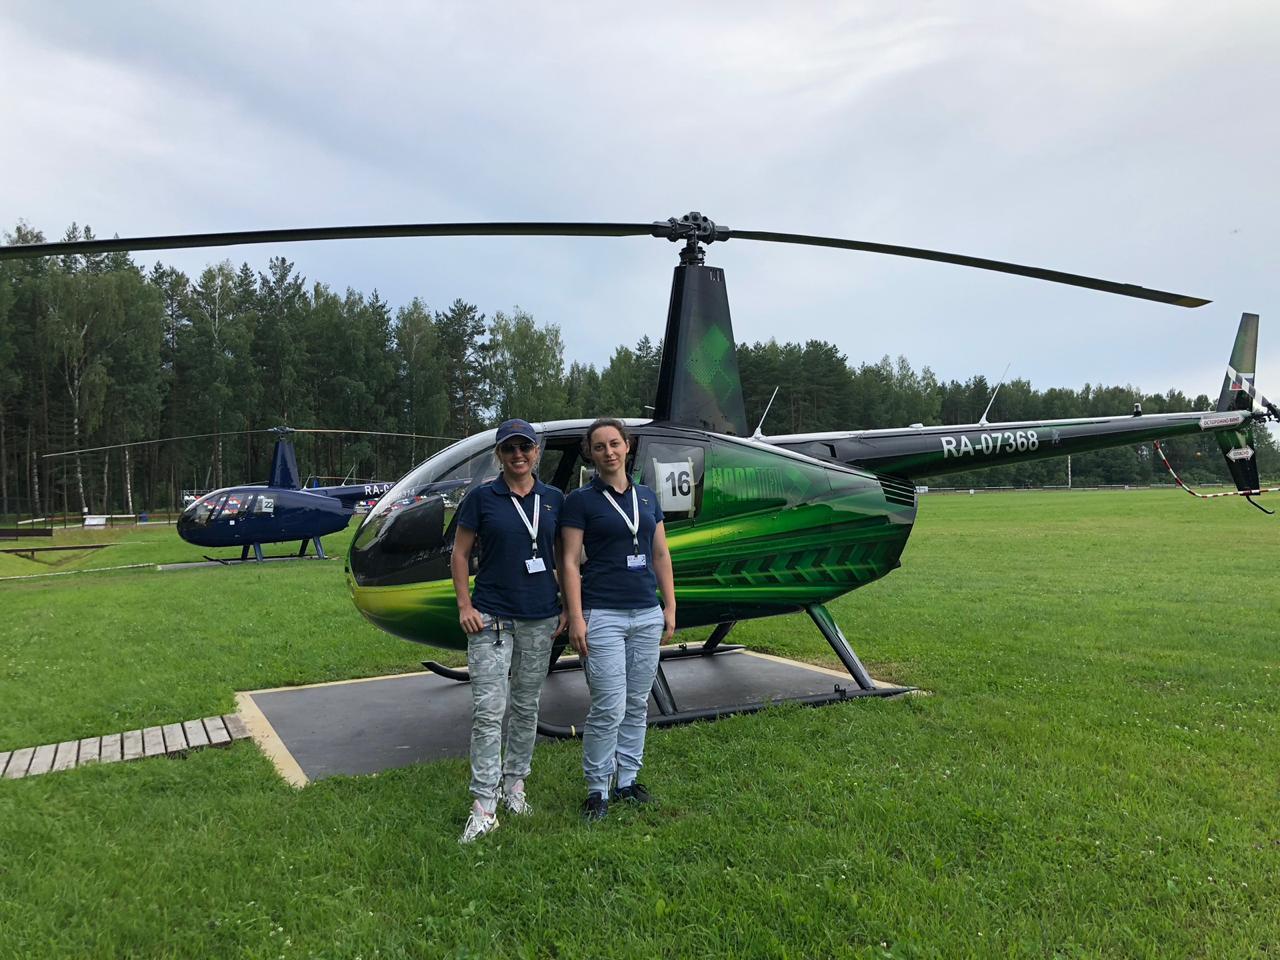 Фото Новосибирцы посадили вертолёт на «спичечный коробок» и стали чемпионками России 2